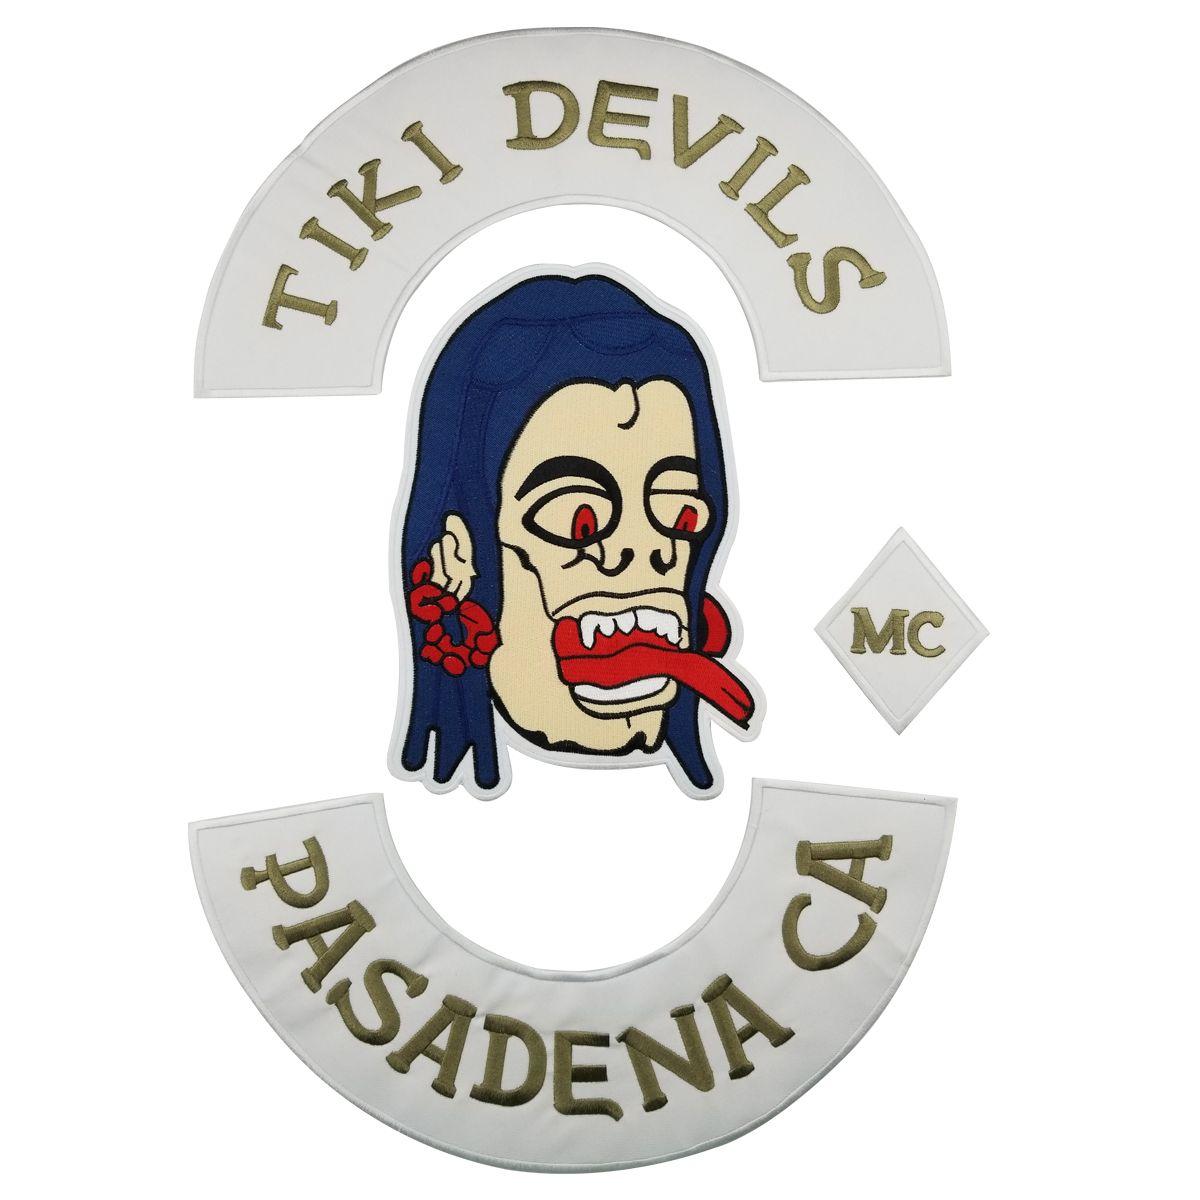 New TIKI DEVILS PASADENA CA MC Biker Skull Embroidery Mc Motorcycle Club Rocker Buttom Rocker Large Back Patch Jackets Vest Skull Patch F